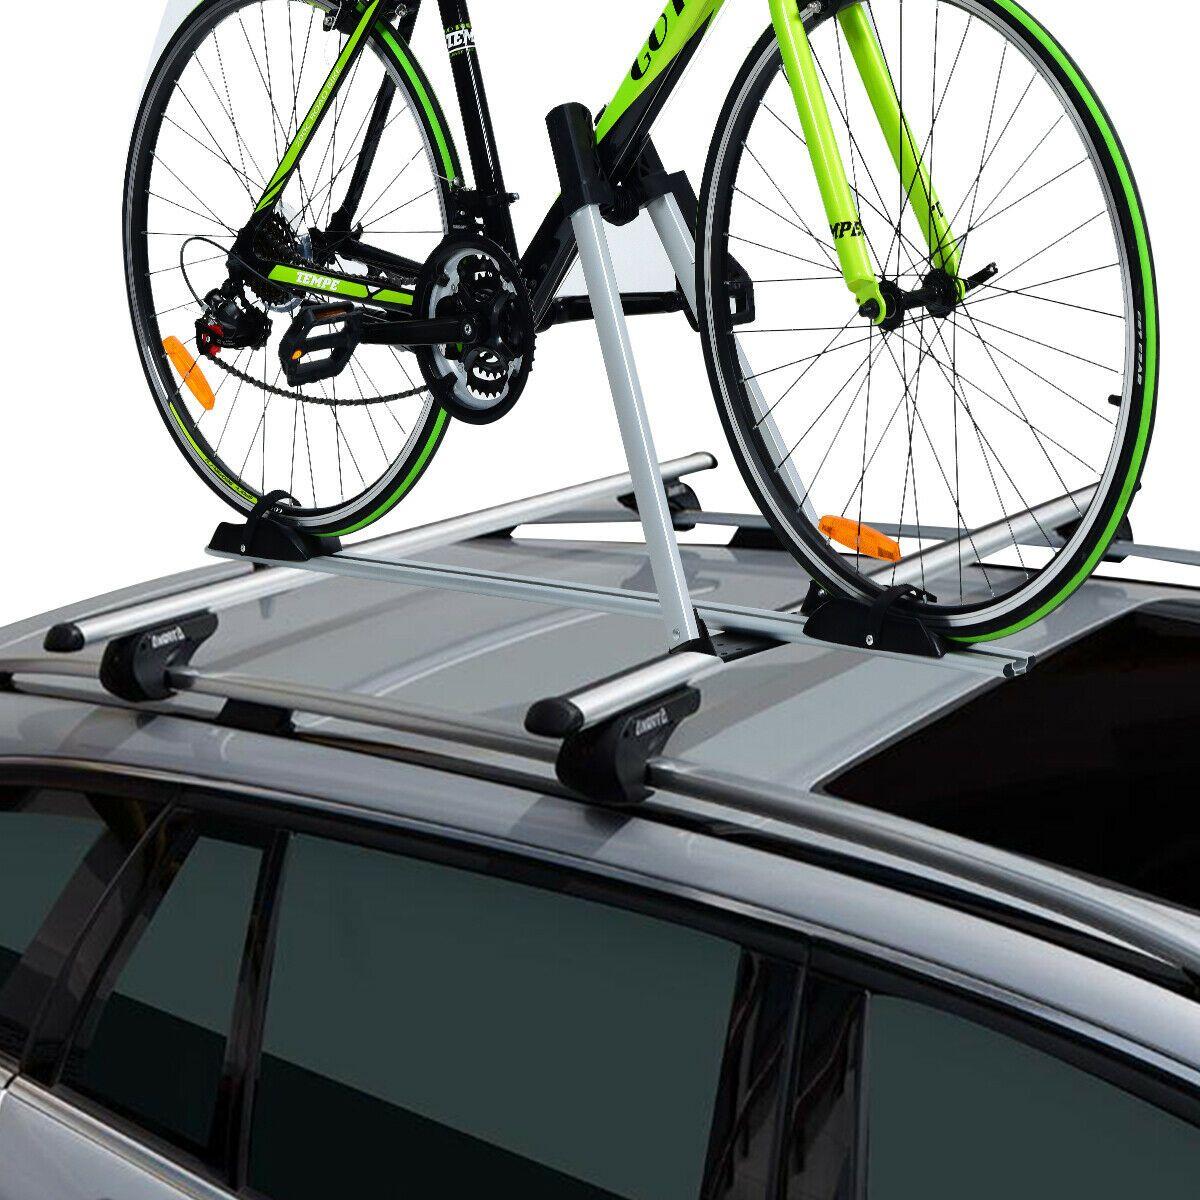 Thule Tandem Bicycle Rack 558P The premium Thule 558P